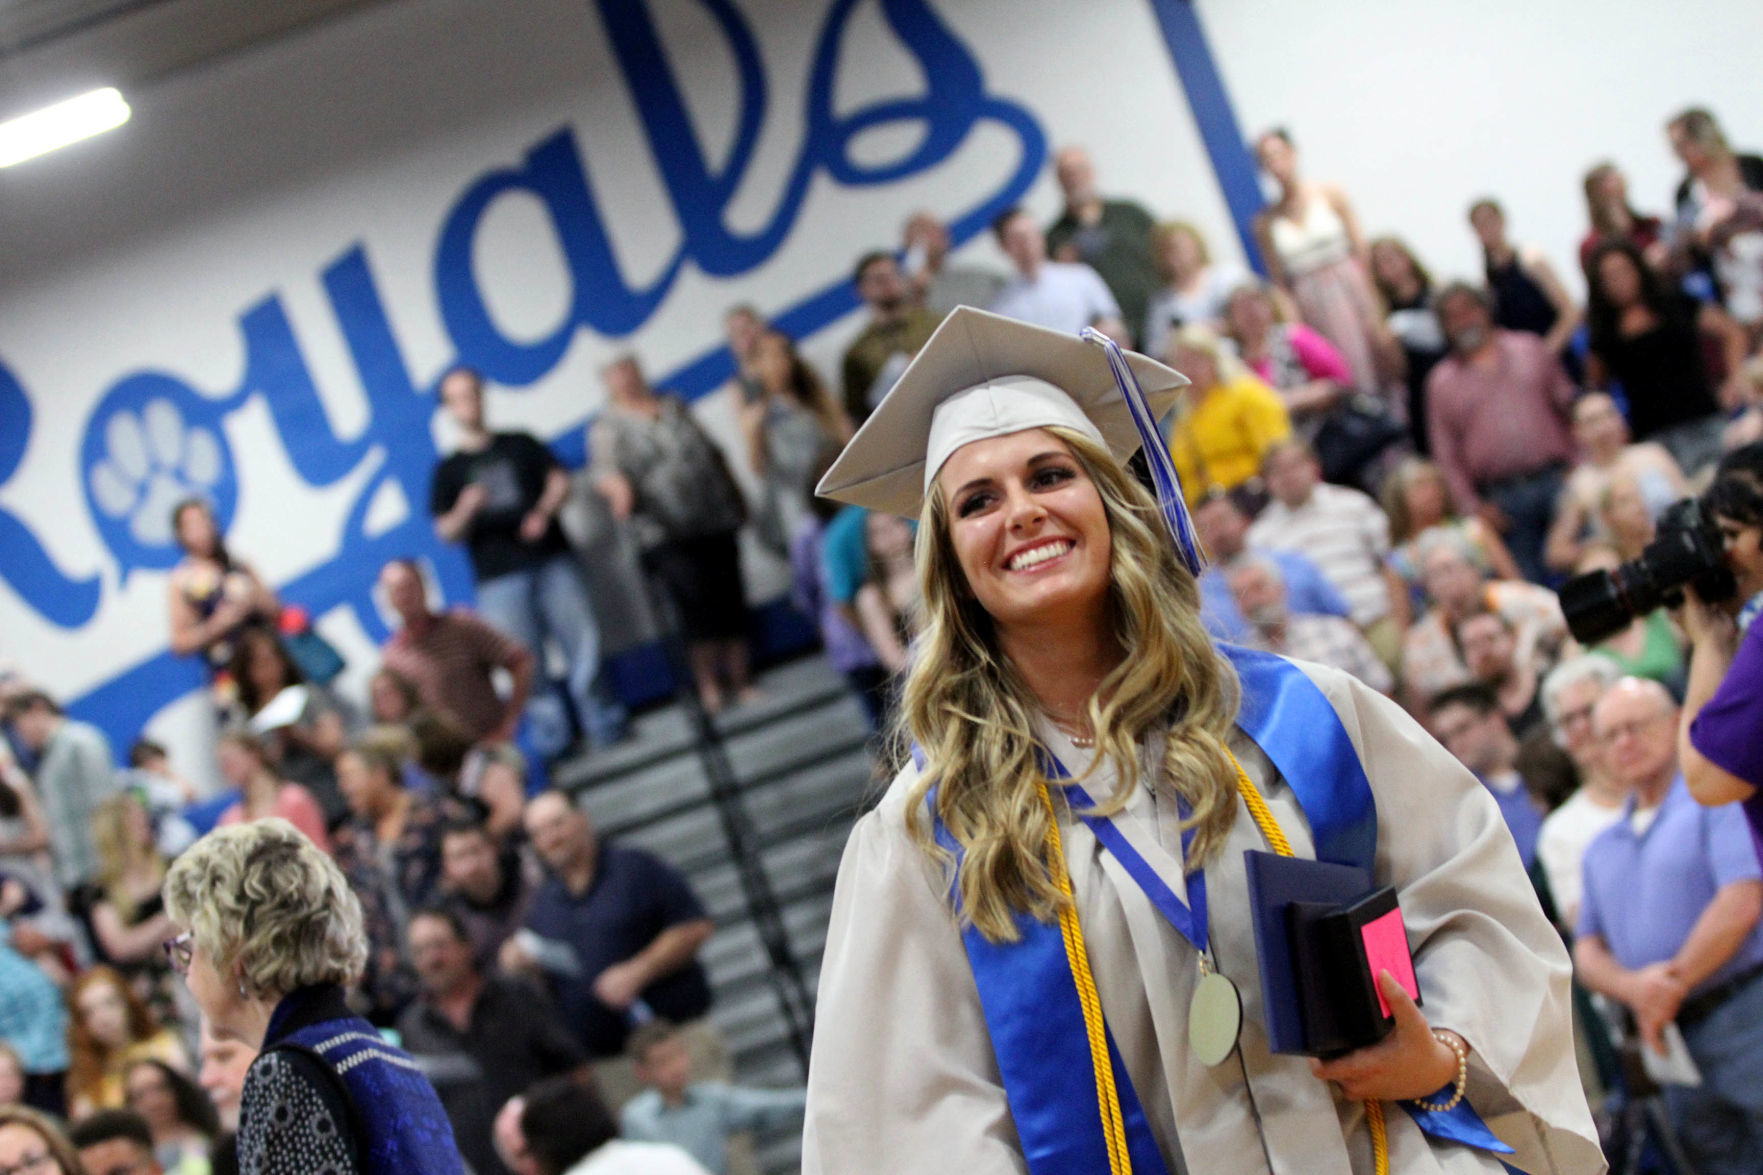 GALLERY: Wynford graduation